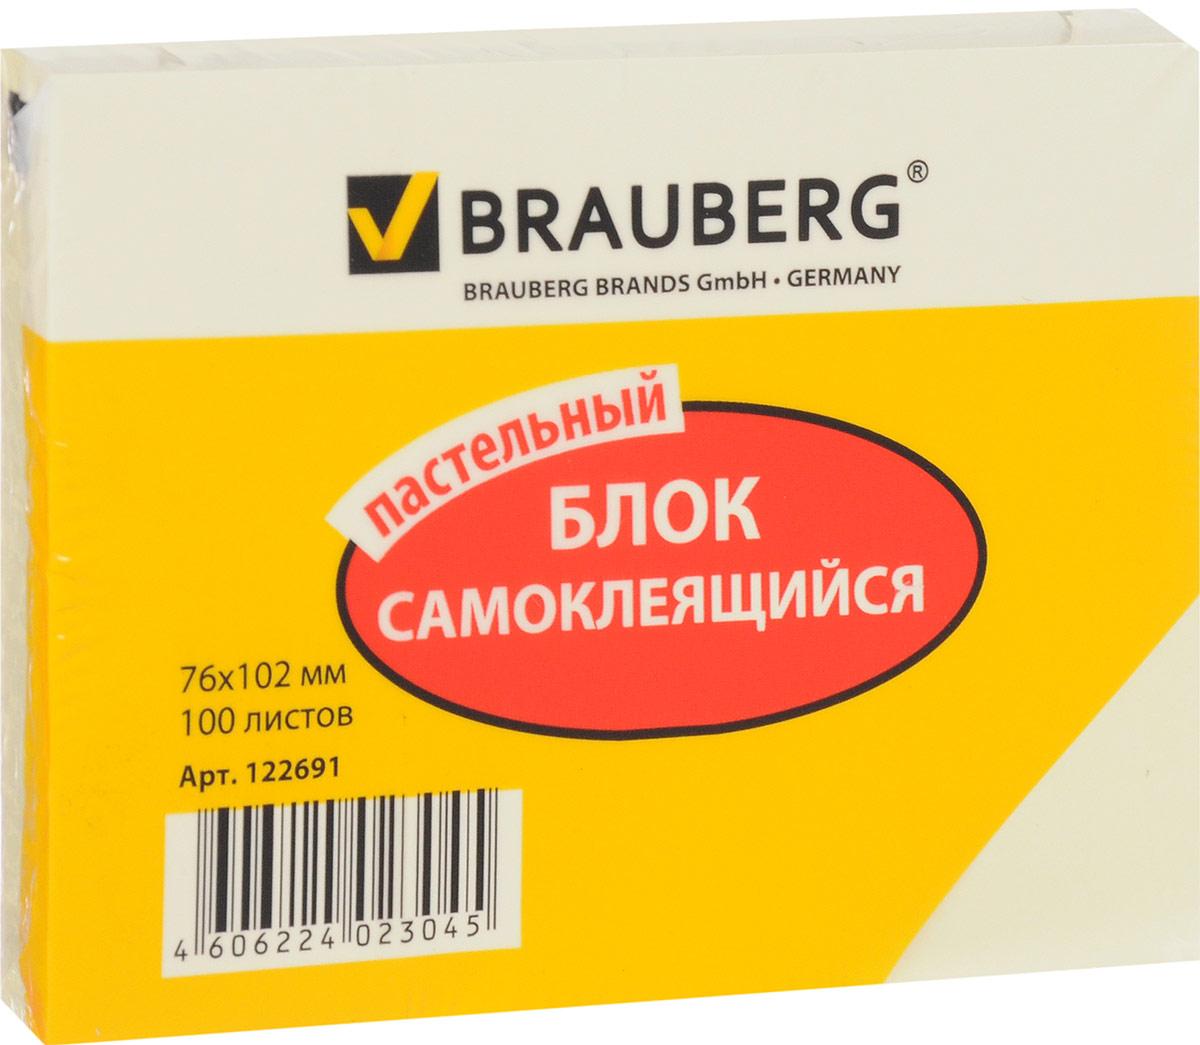 Brauberg Блок пастельный самоклеящийся цвет желтый 76 х 102 мм 100 листов122691Яркие самоклеящиеся листочки привлекают к себе внимание и удобны для заметок, объявлений и других коротких сообщений. Легко крепятся к любой поверхности, не оставляют следов после отклеивания.